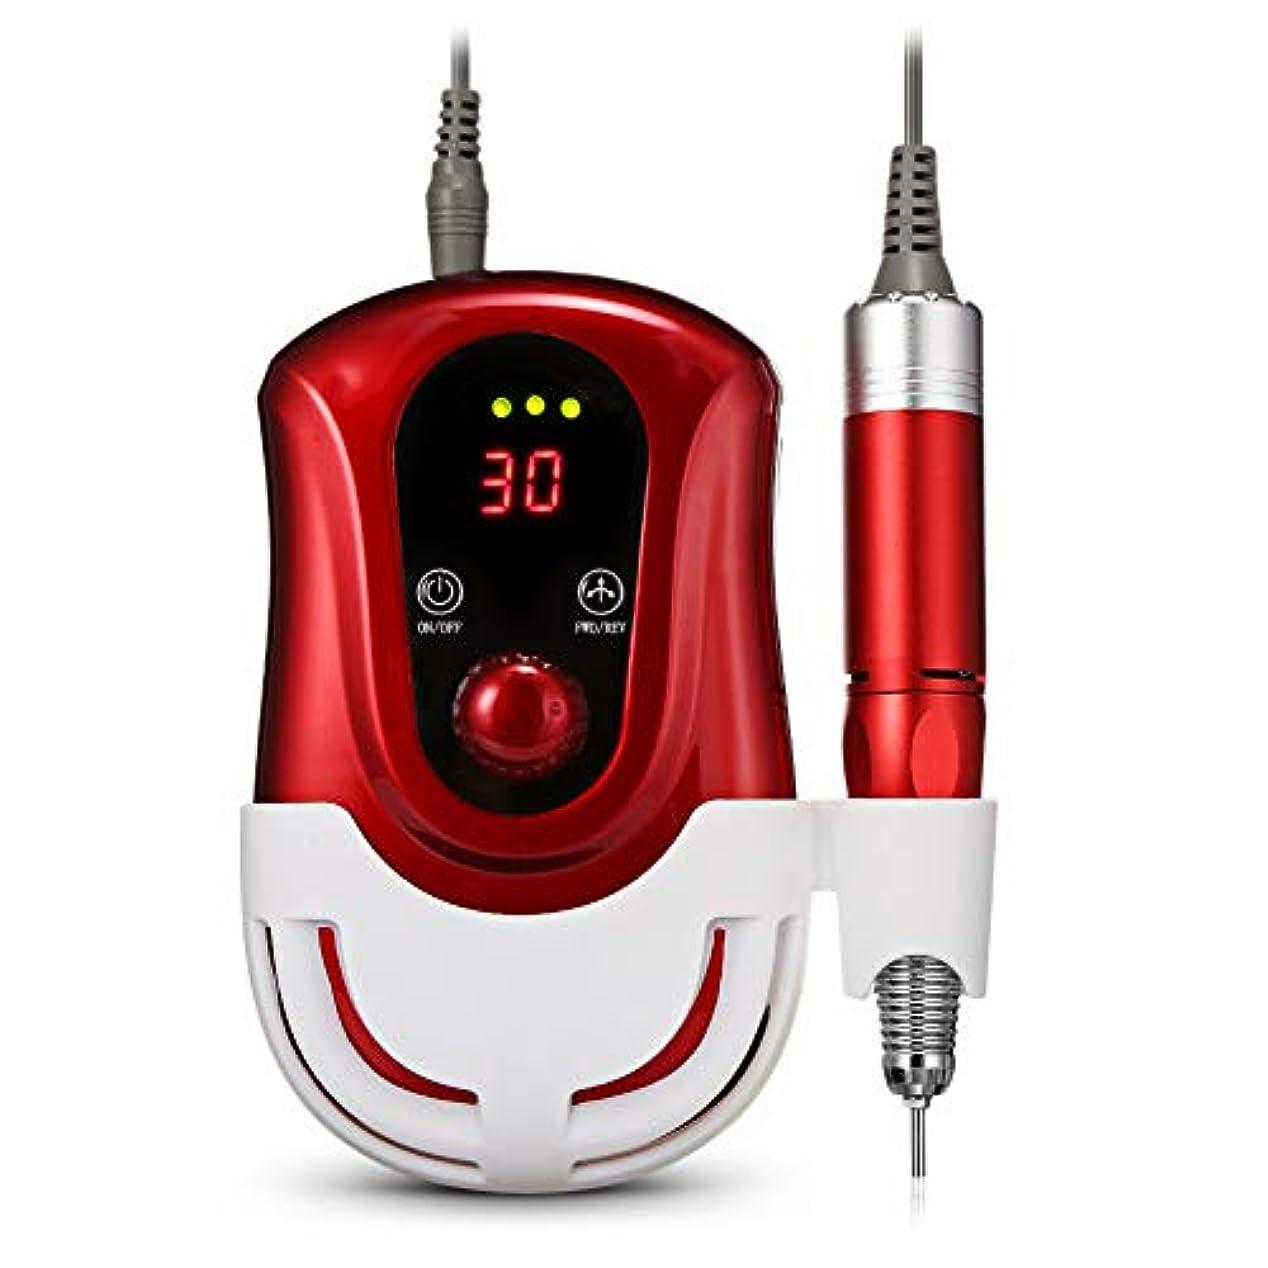 金銭的ジャズ悲しみ68ワットプロフェッショナルネイル集塵機ネイルアート機器ネイル掃除機ダスト吸引機,Red